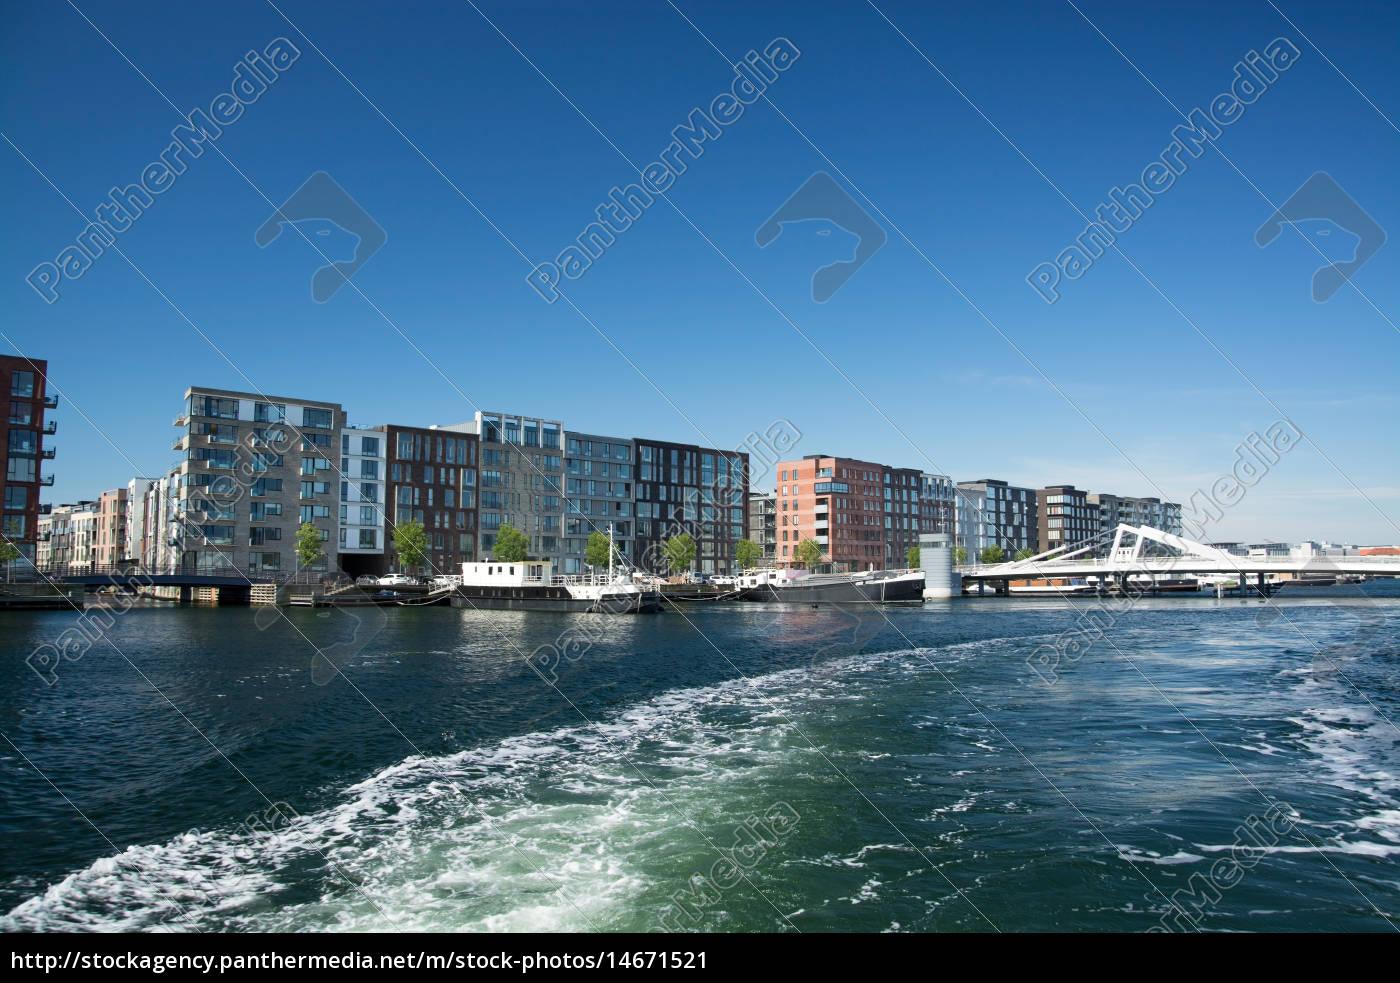 kopenhagen, , dänemark - 14671521